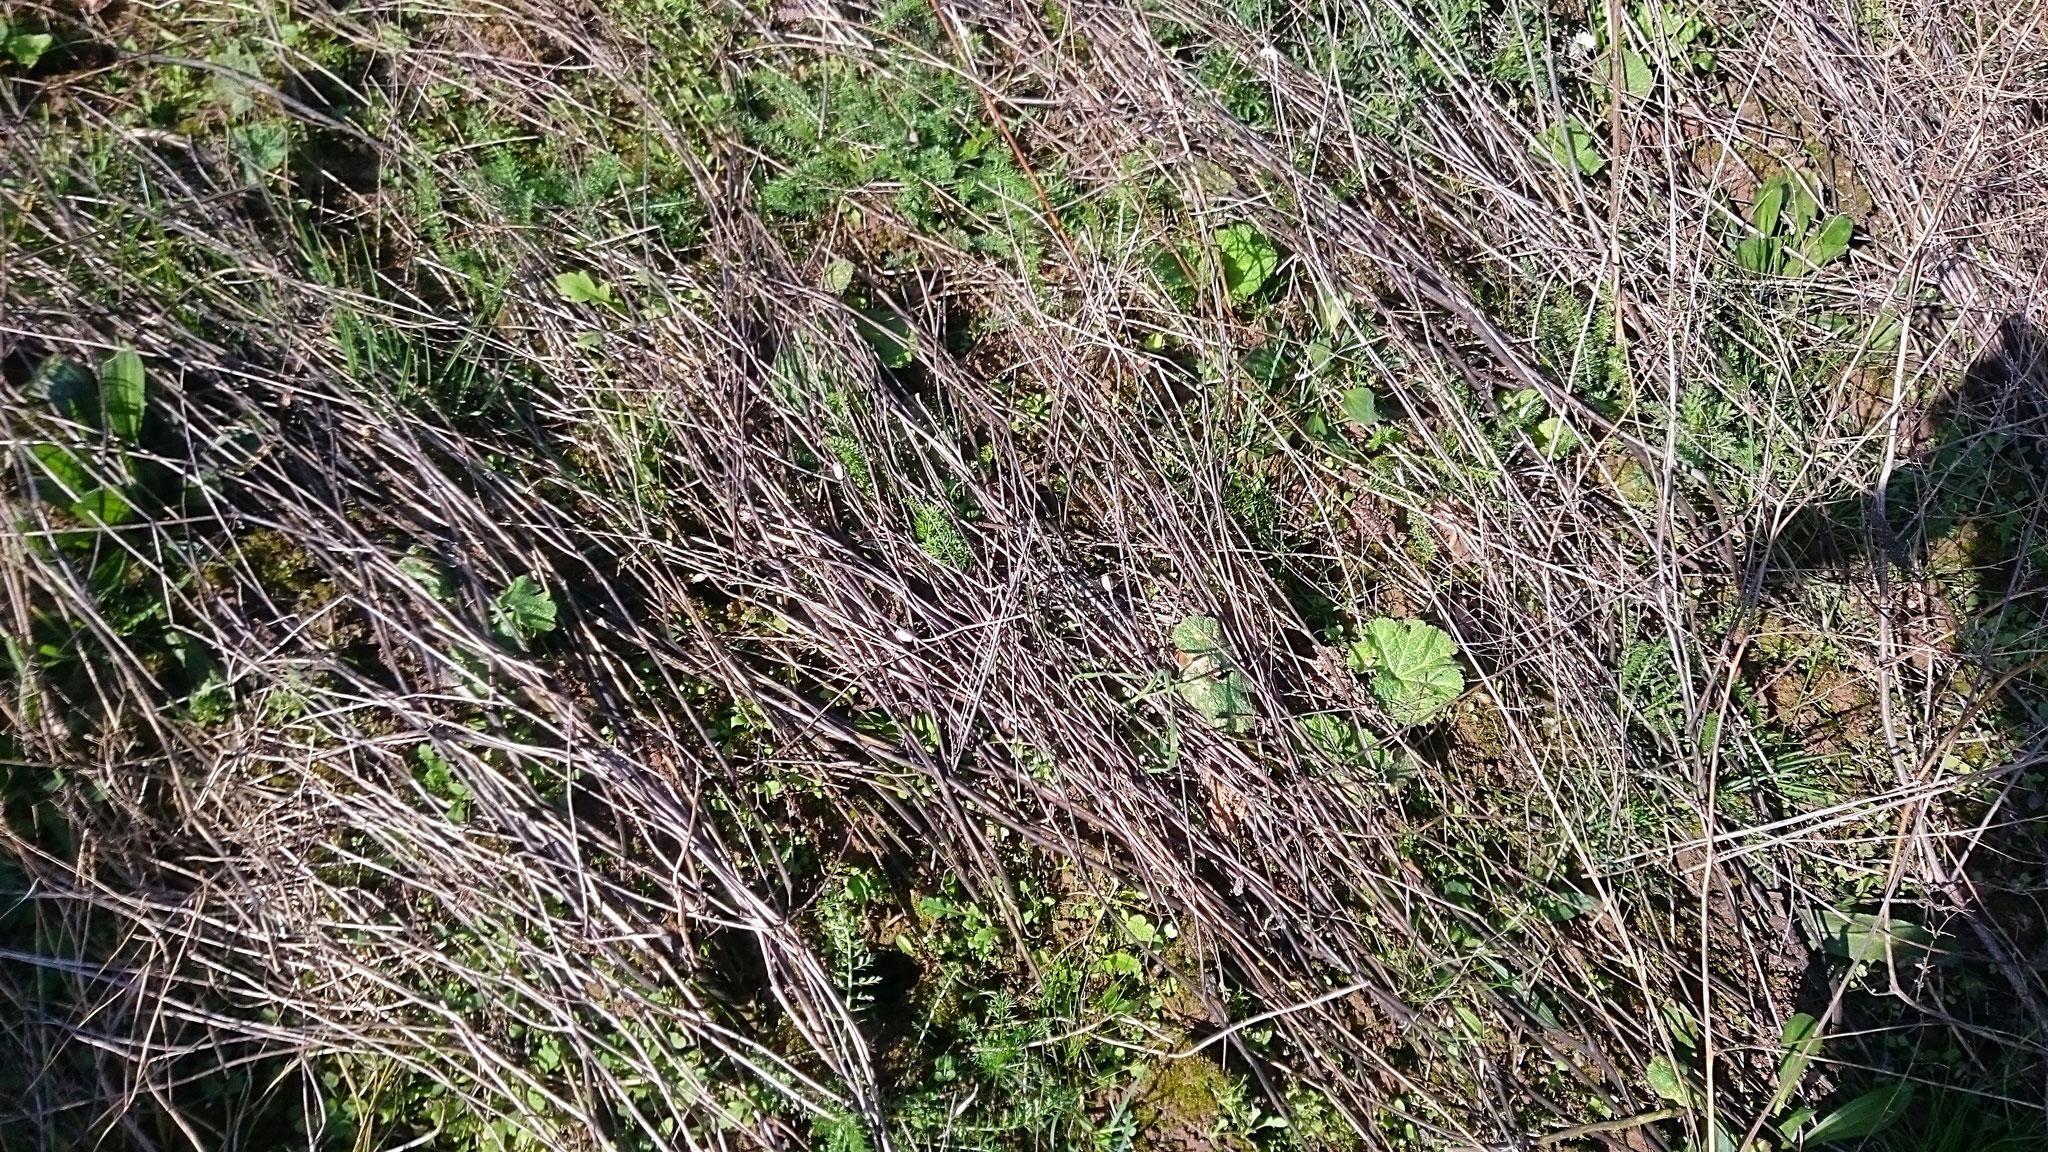 vorher: die vertrockneten Pflanzenstängel liegen locker am Boden - Foto: Britta Raabe